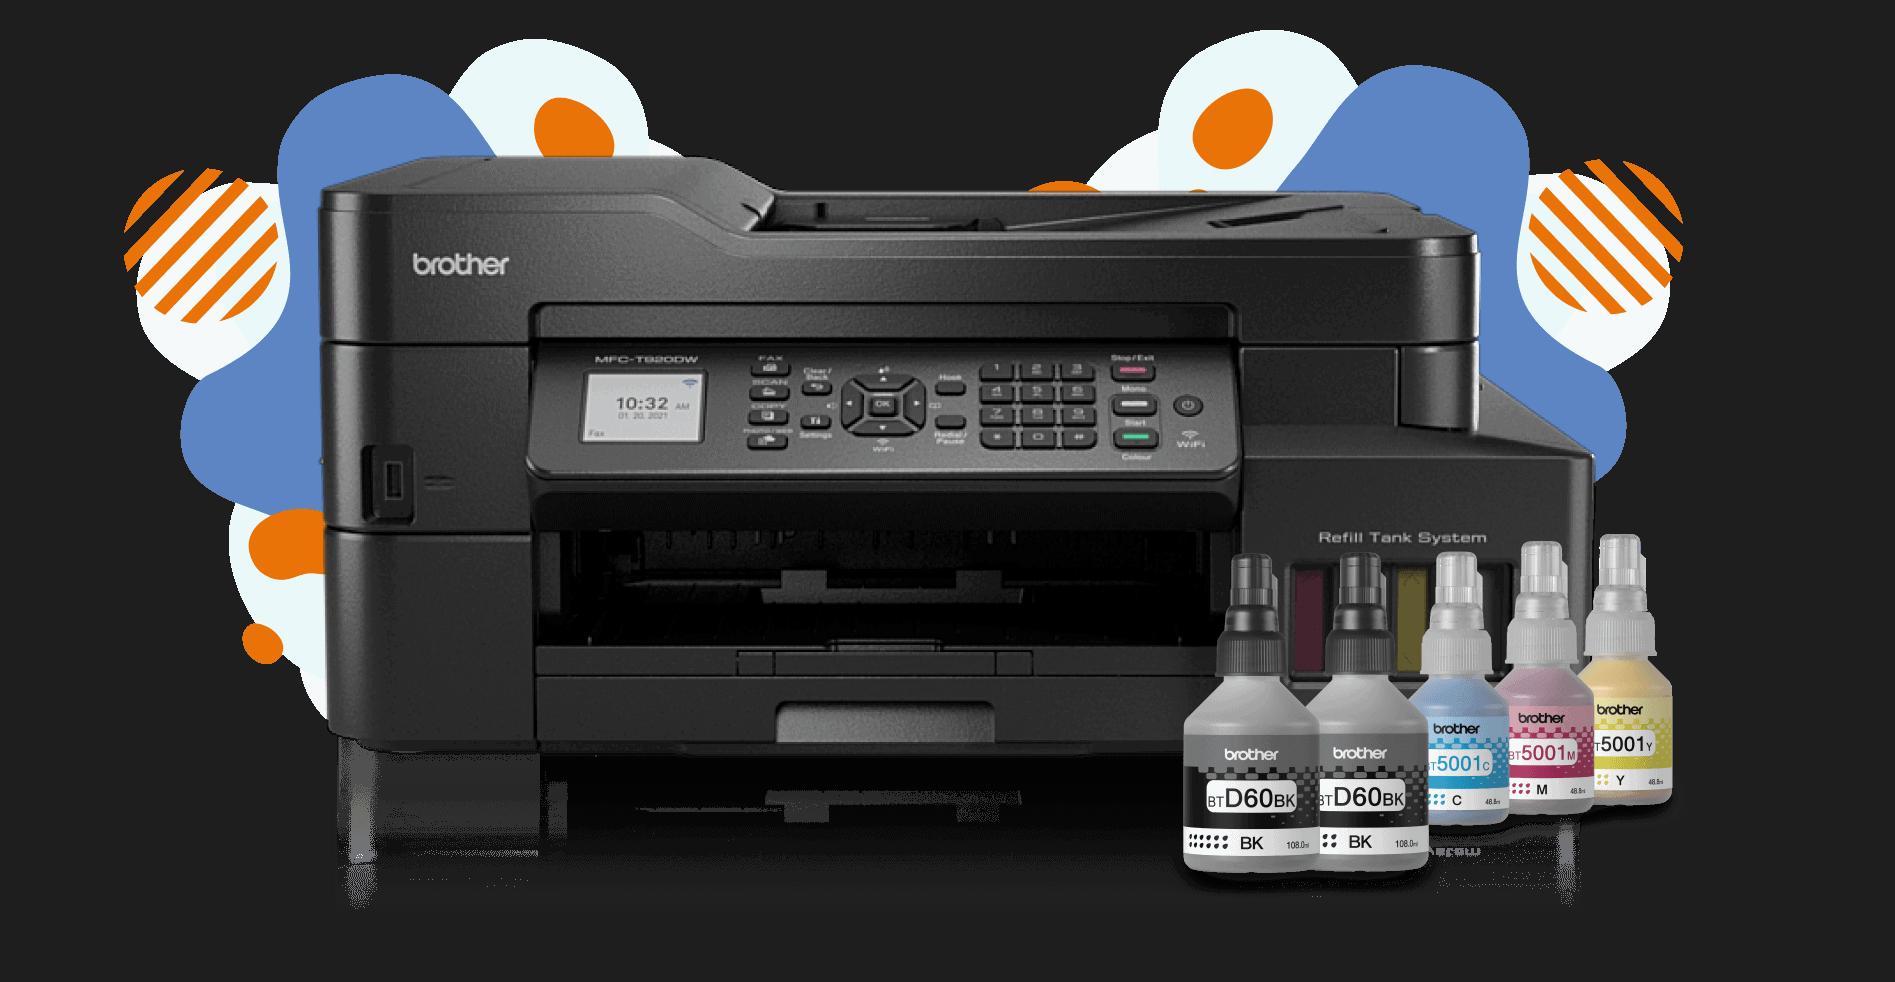 Nuevo Multinfuncional de Inyección de Tinta Continua de Brohter MFC-T920DW